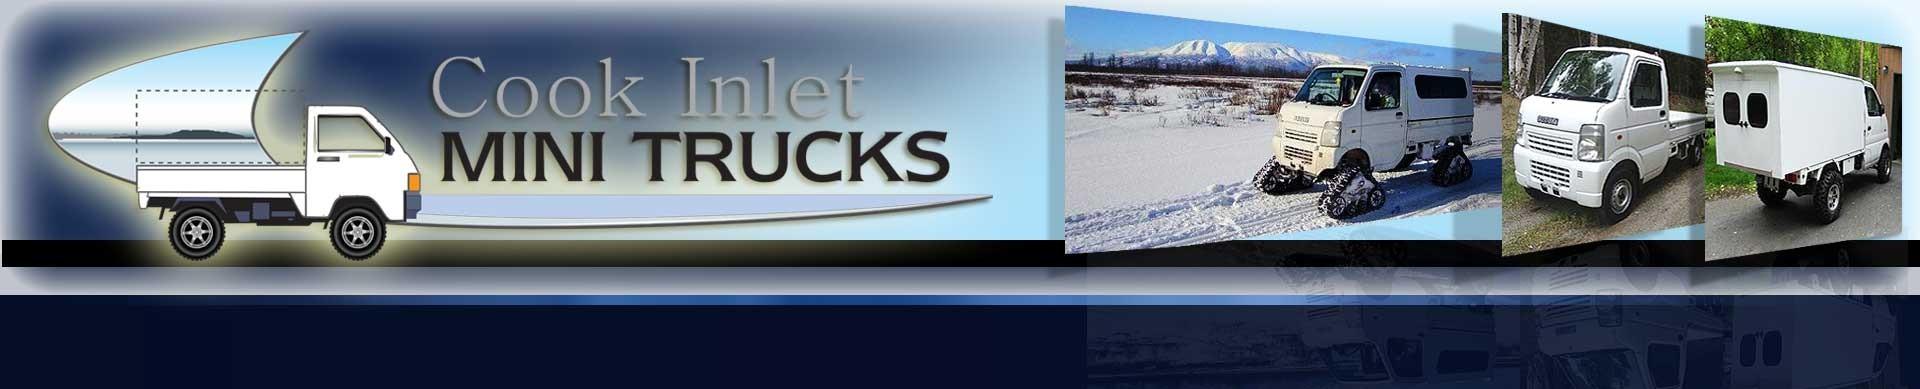 Cook Inlet Mini Trucks Alaska